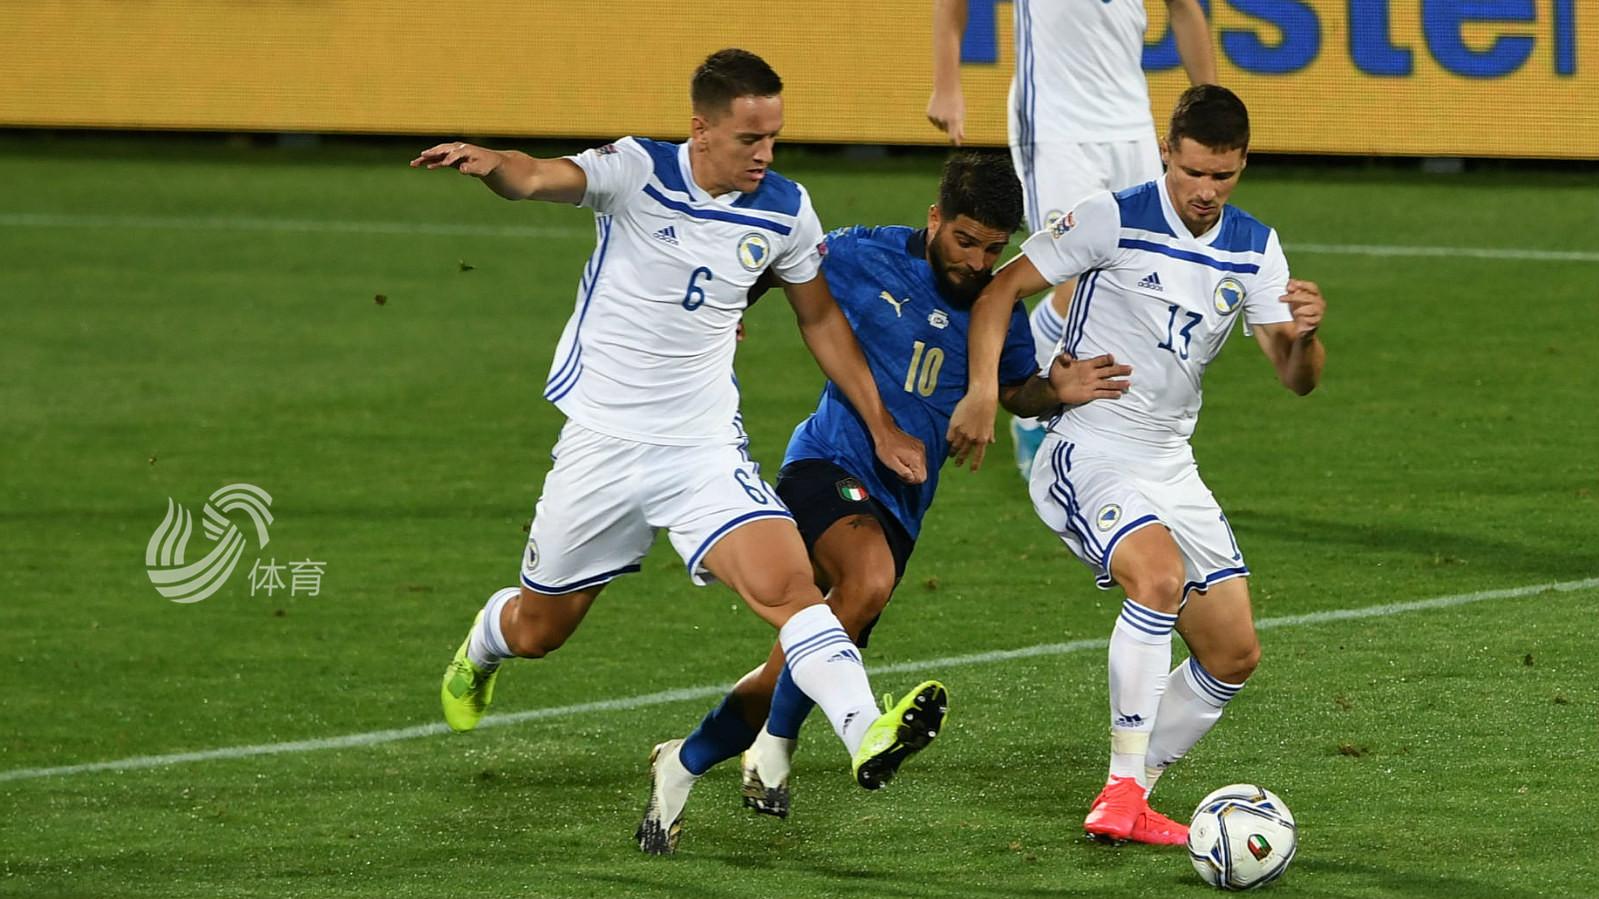 欧国联:意大利1-1波黑 11连胜被终止